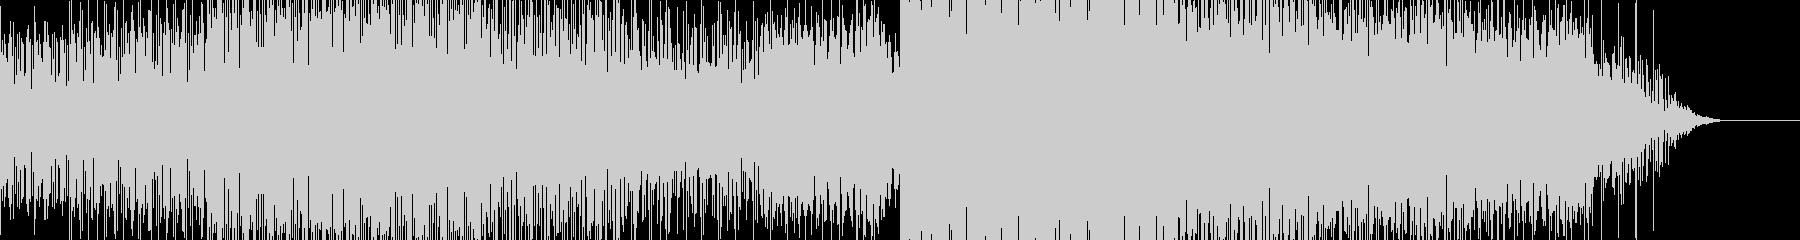 ブレイクビーツBGM4の未再生の波形